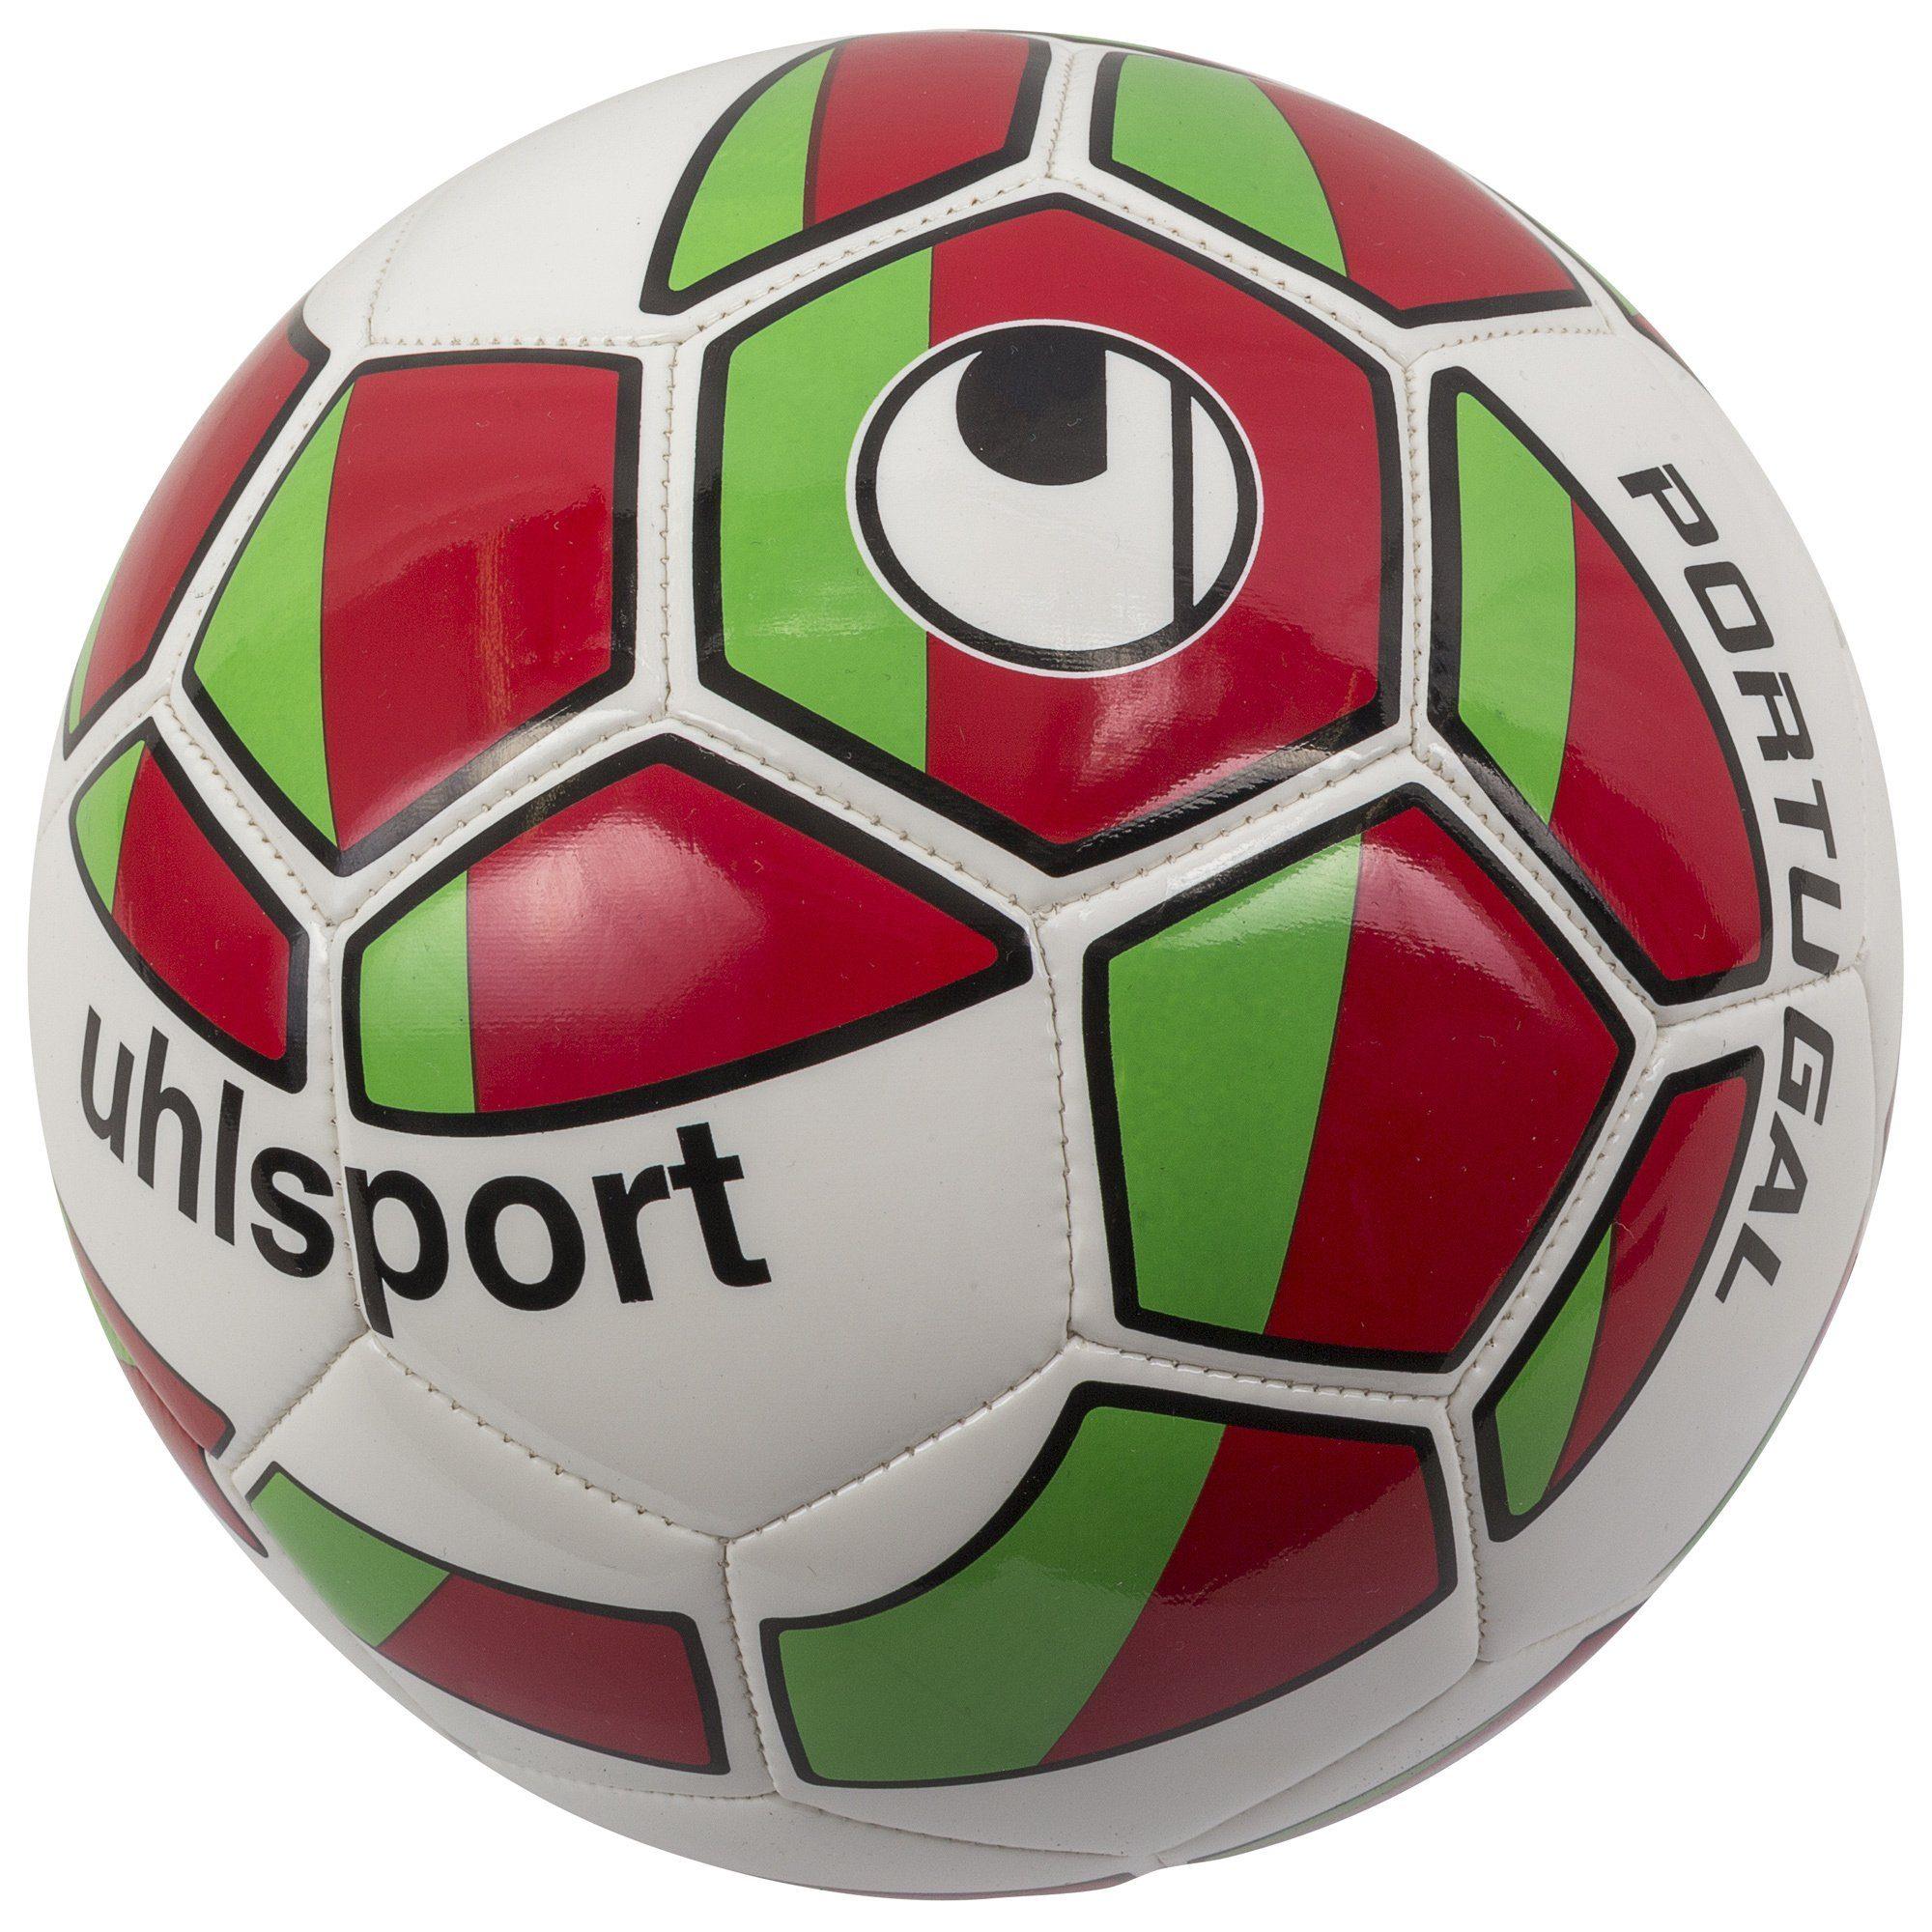 UHLSPORT Portugal Fußball